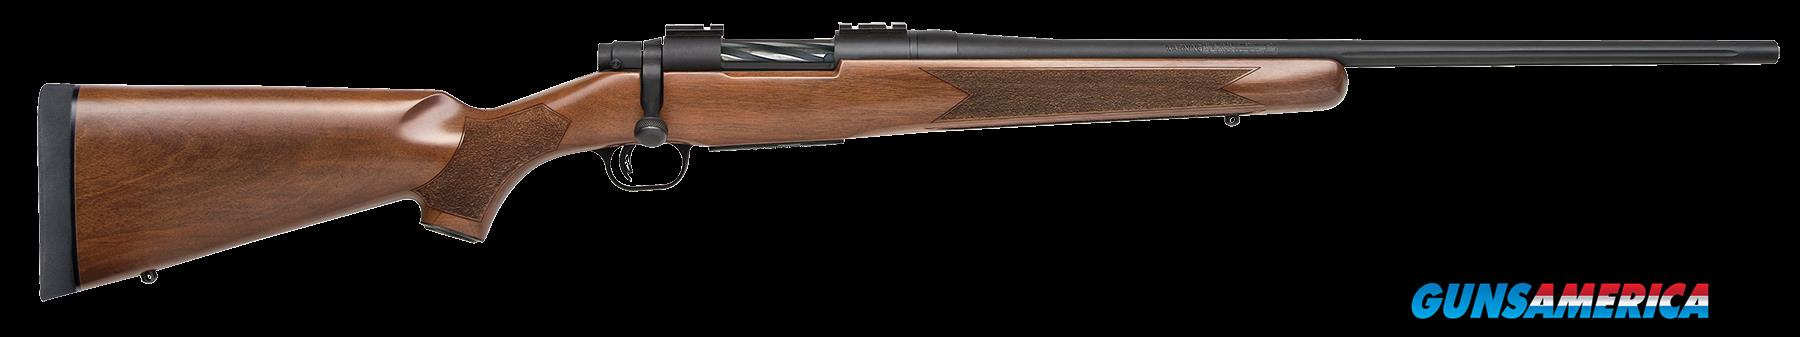 Mossberg Patriot, Moss 27835 Patriot 22 Fb 243   5+1 Wal  Guns > Pistols > 1911 Pistol Copies (non-Colt)